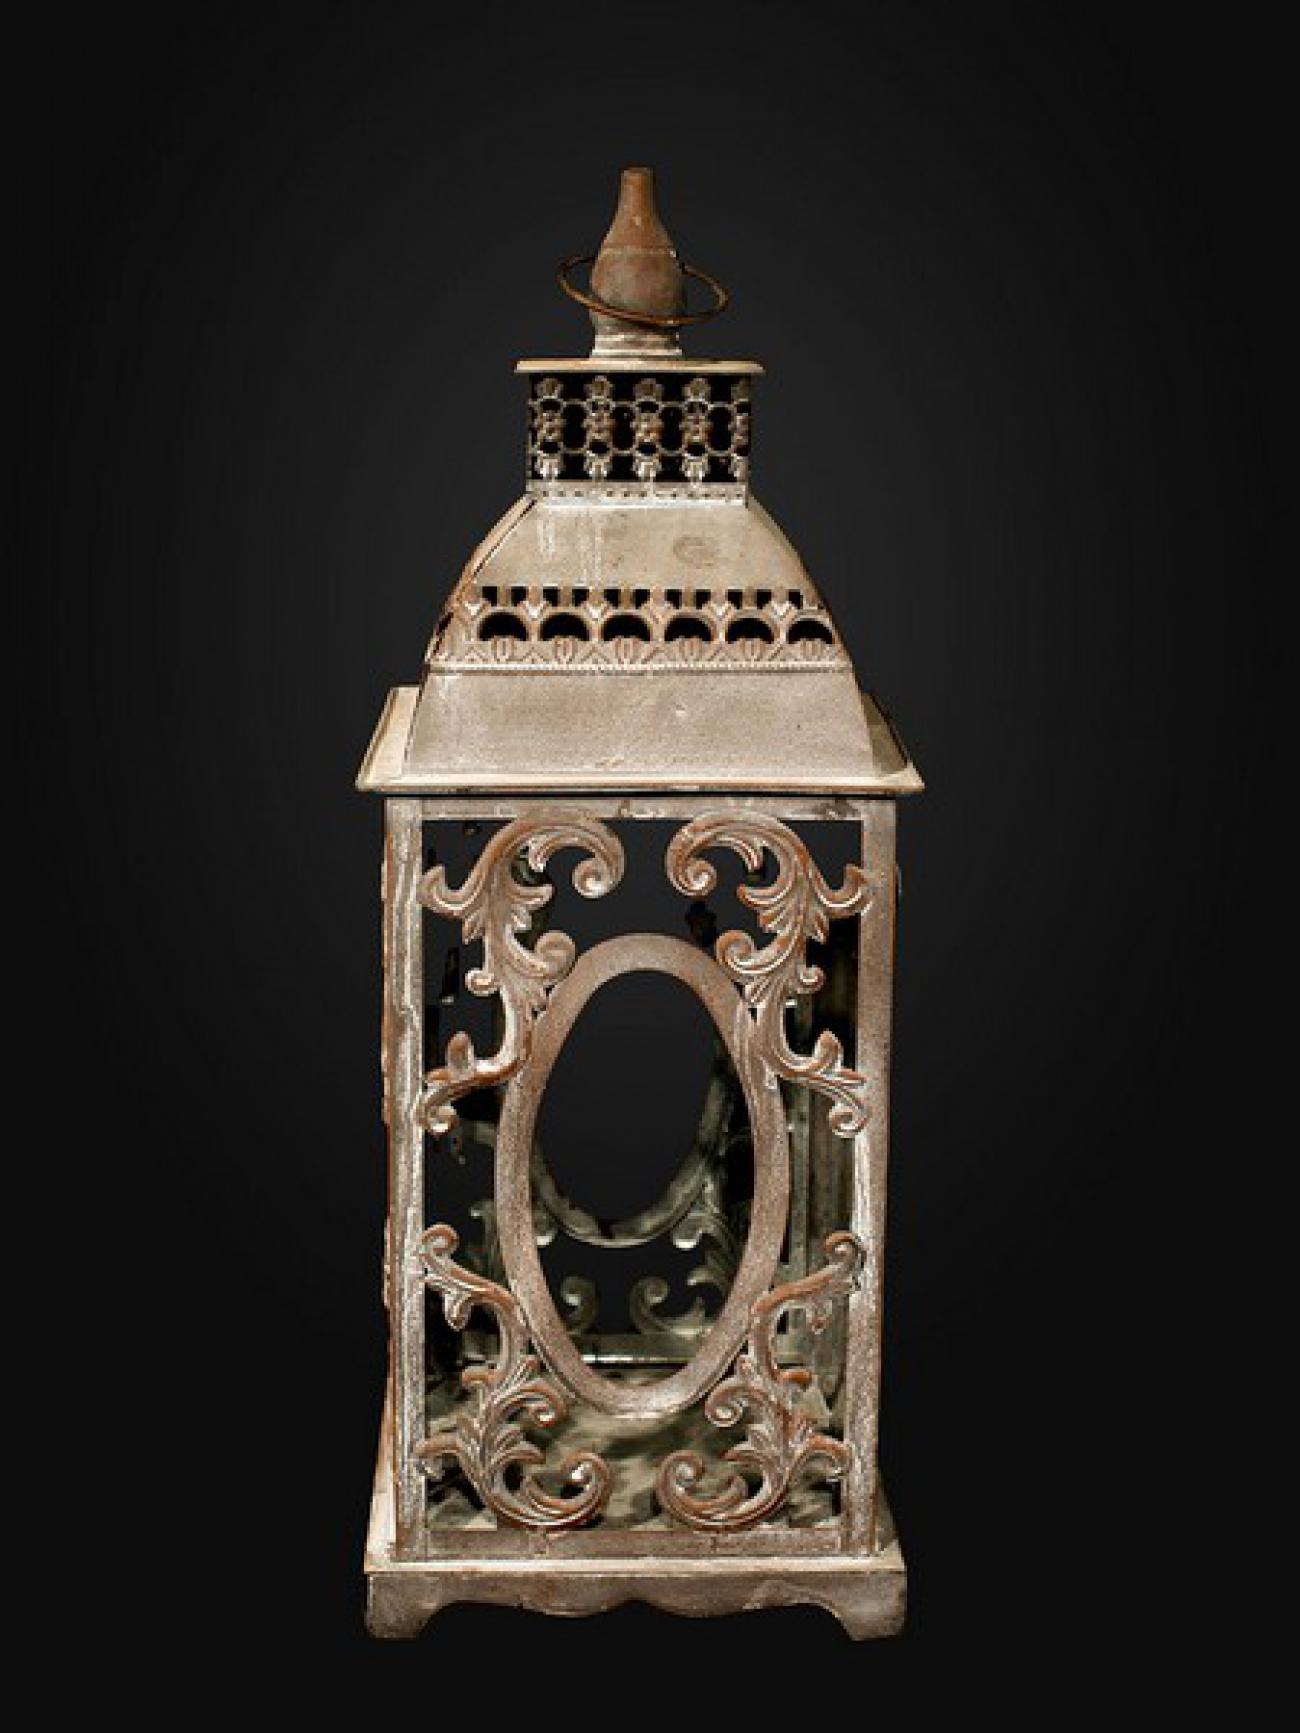 Ажурный кованый фонарь 50 см.